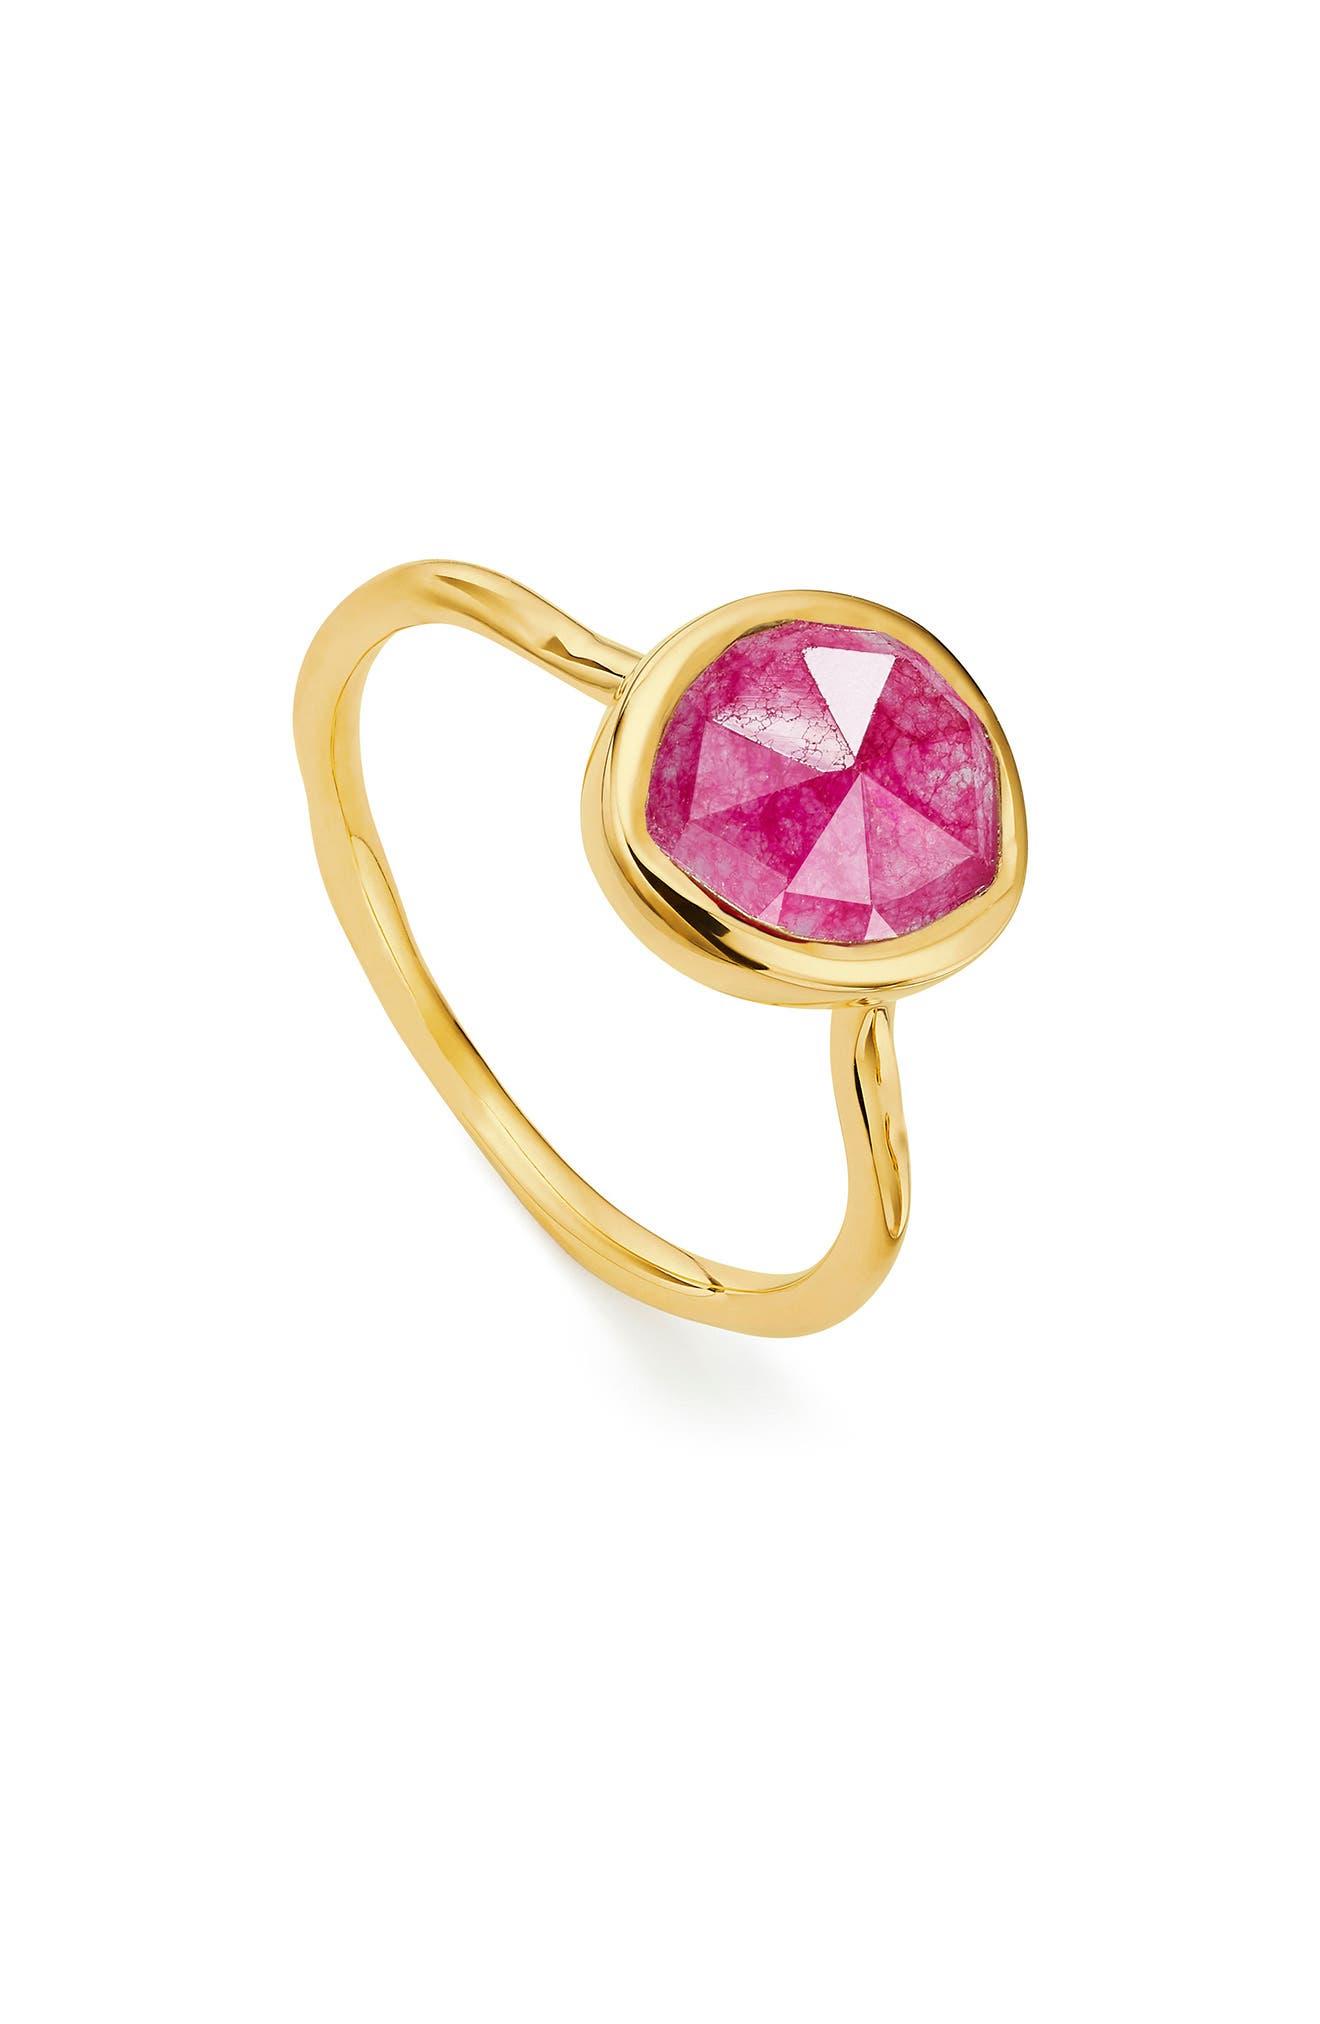 MONICA VINADER, Siren Semiprecious Stone Stacking Ring, Main thumbnail 1, color, GOLD/ PINK QUARTZ